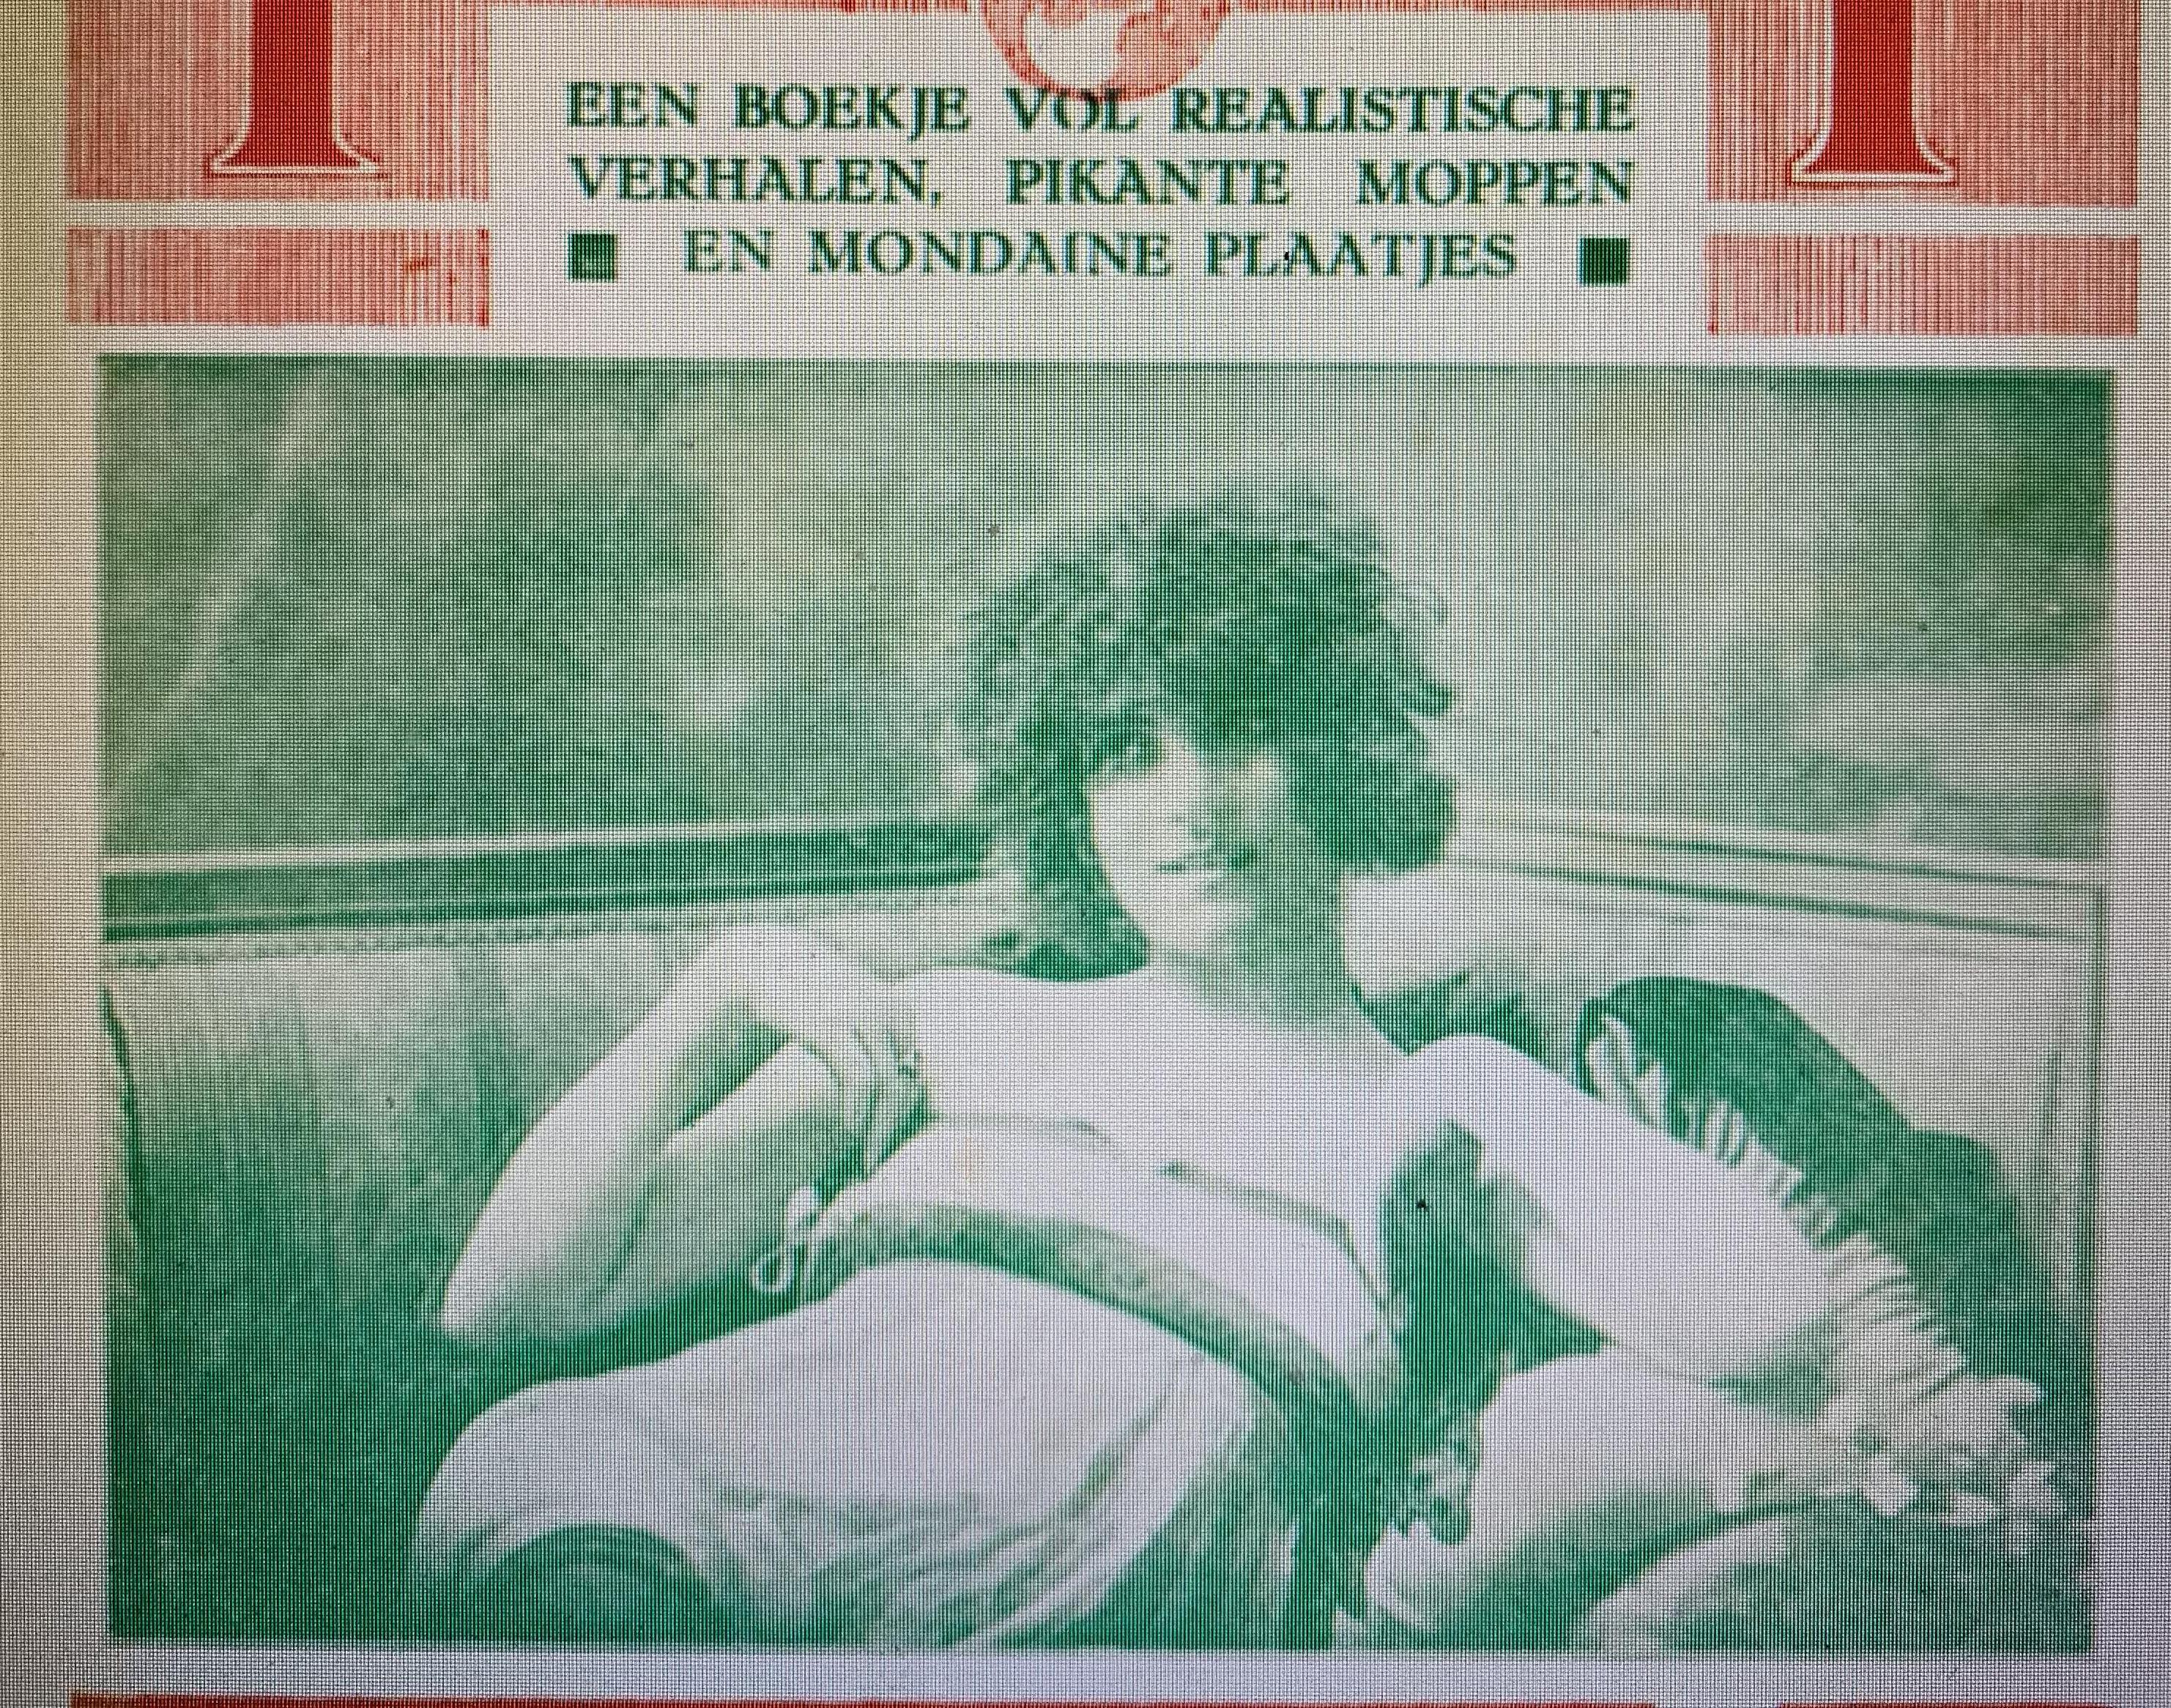 'Het gebeurde ook bij ons!' Haarlemmer Bert Sliggers publiceert over omvangrijke handel in seksblaadjes in de jaren 30